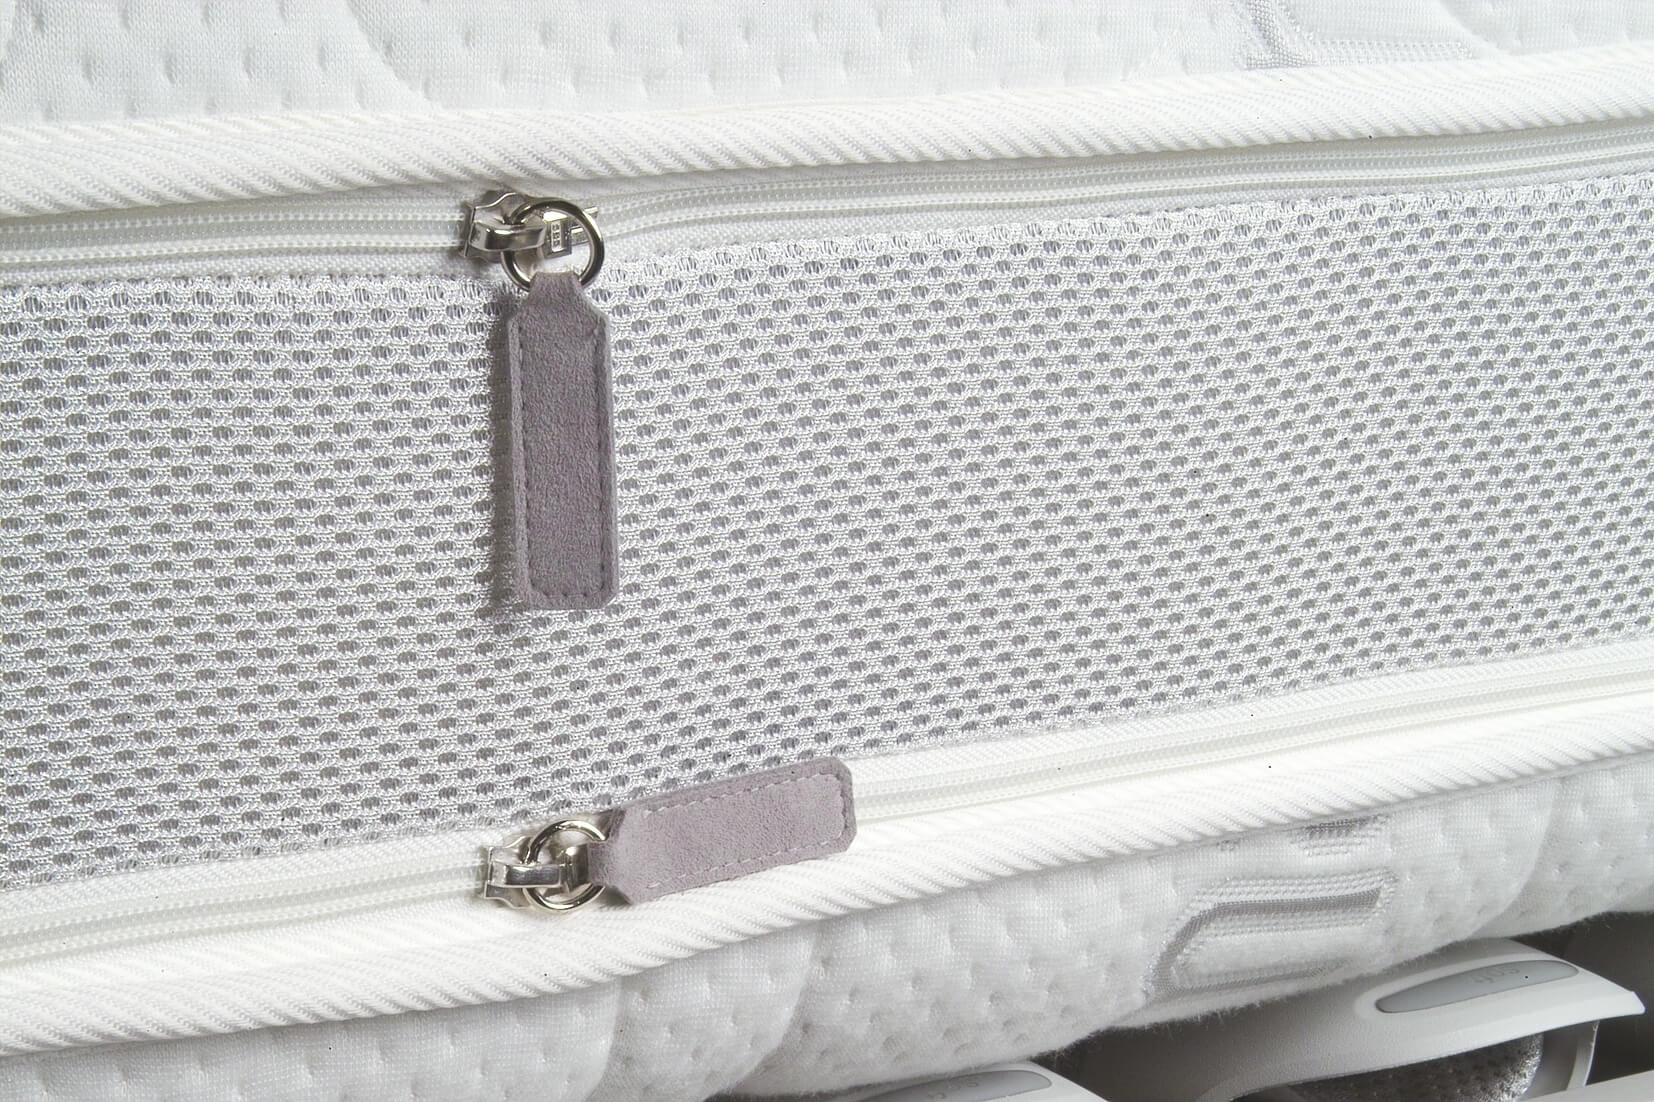 Härtegrad einer Matratze